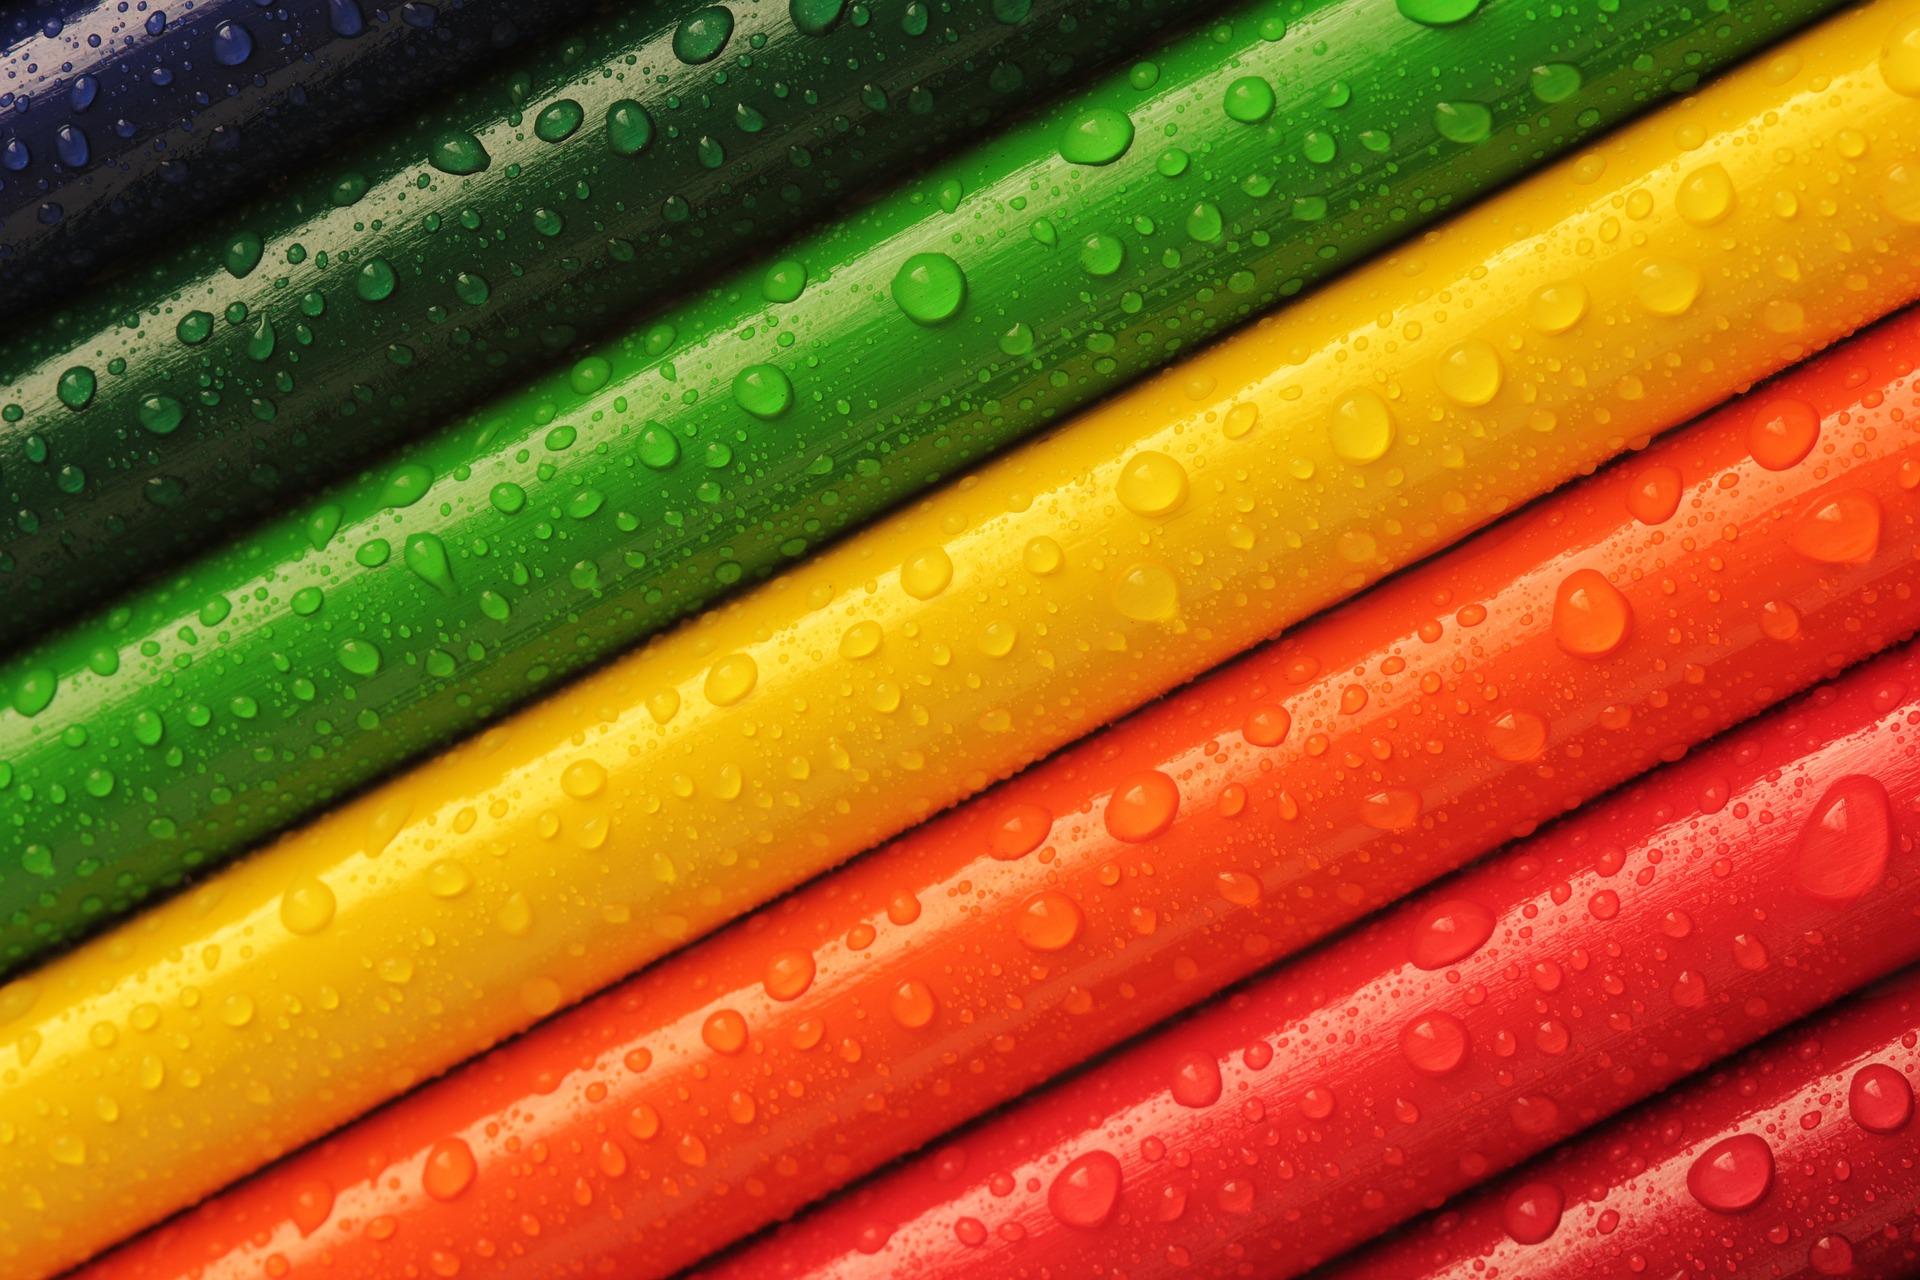 Goldfish crackers are soy-free, but Rainbow Goldfish are not - IMAGE VIA PIXABAY